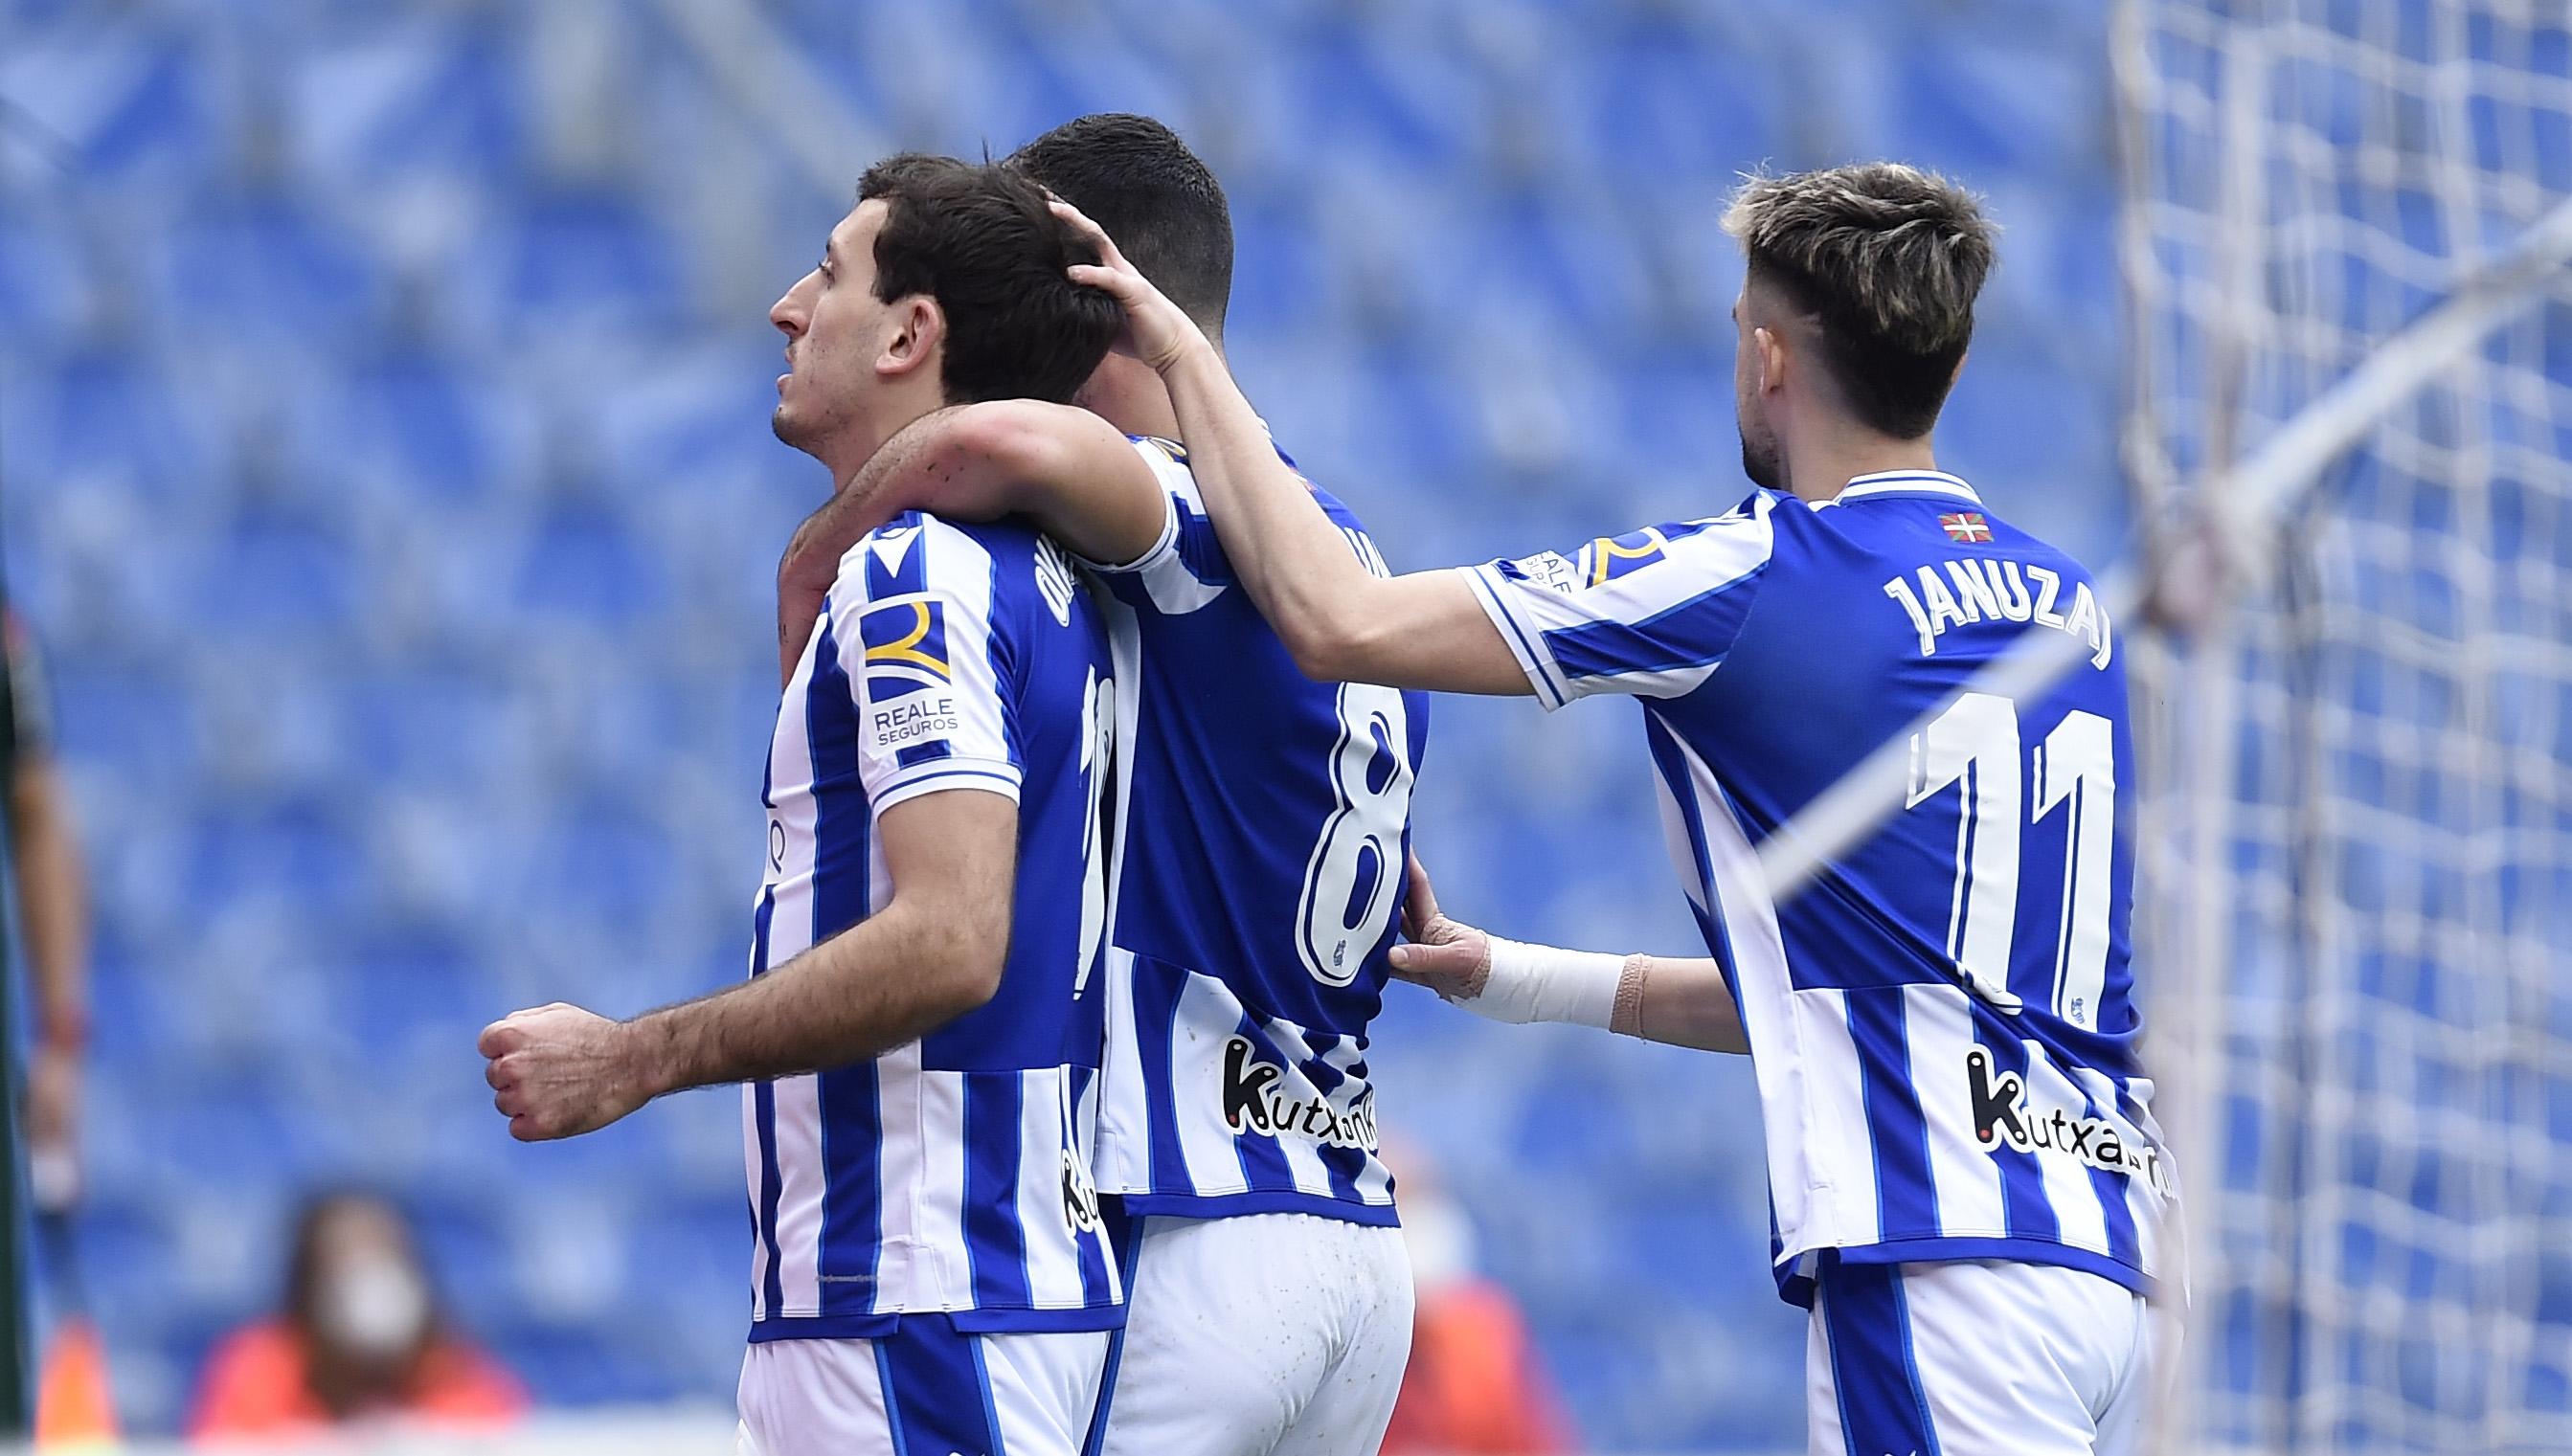 Отборът на Реал Сосиедад постигна първа домакинска победа в Ла